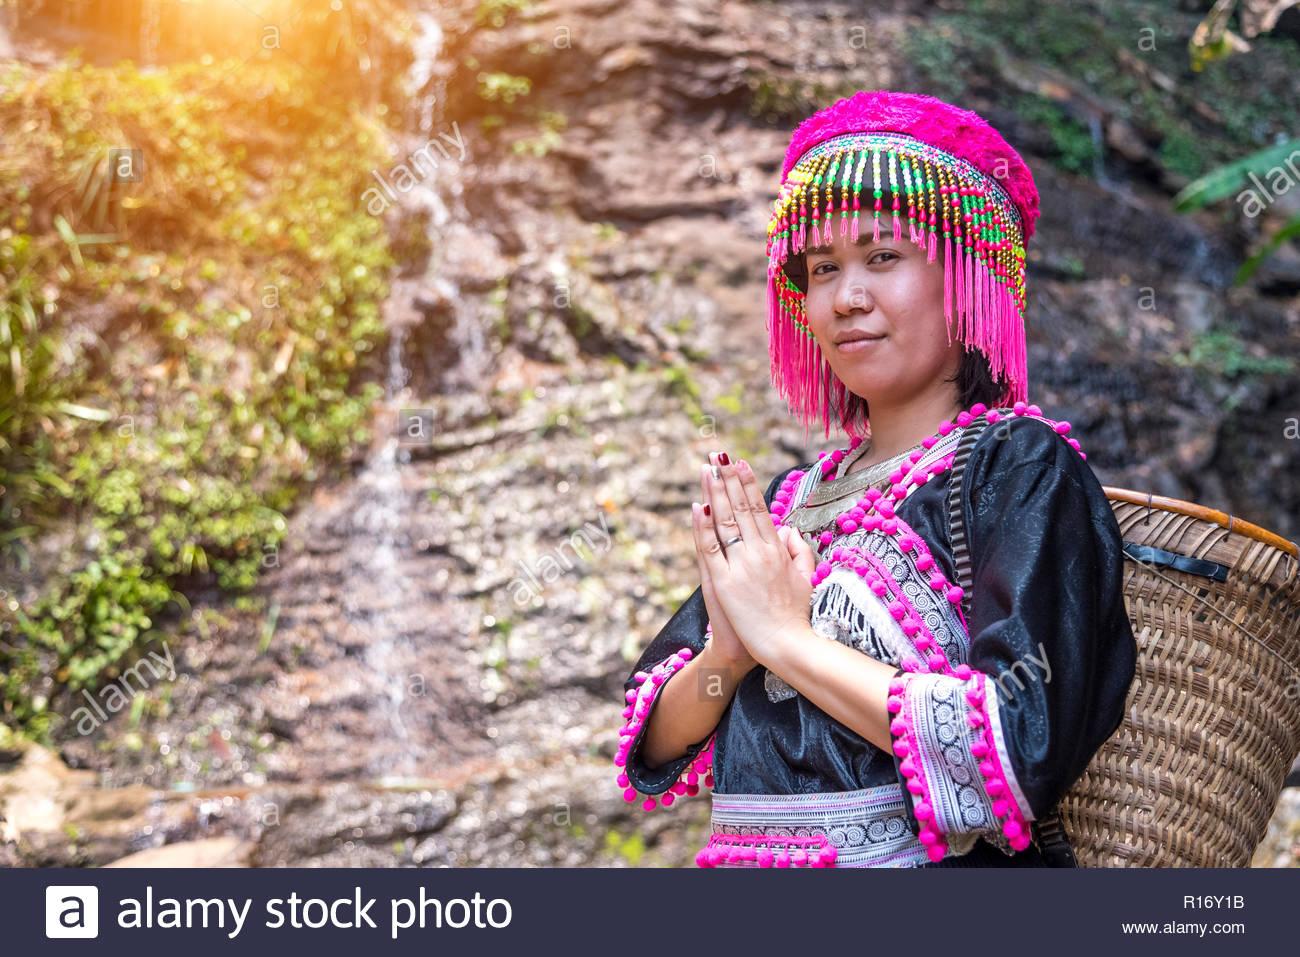 La tribu thaï Sawasdee posent à Doi Pui dans Chiang Mai, Thaïlande. Photo Stock